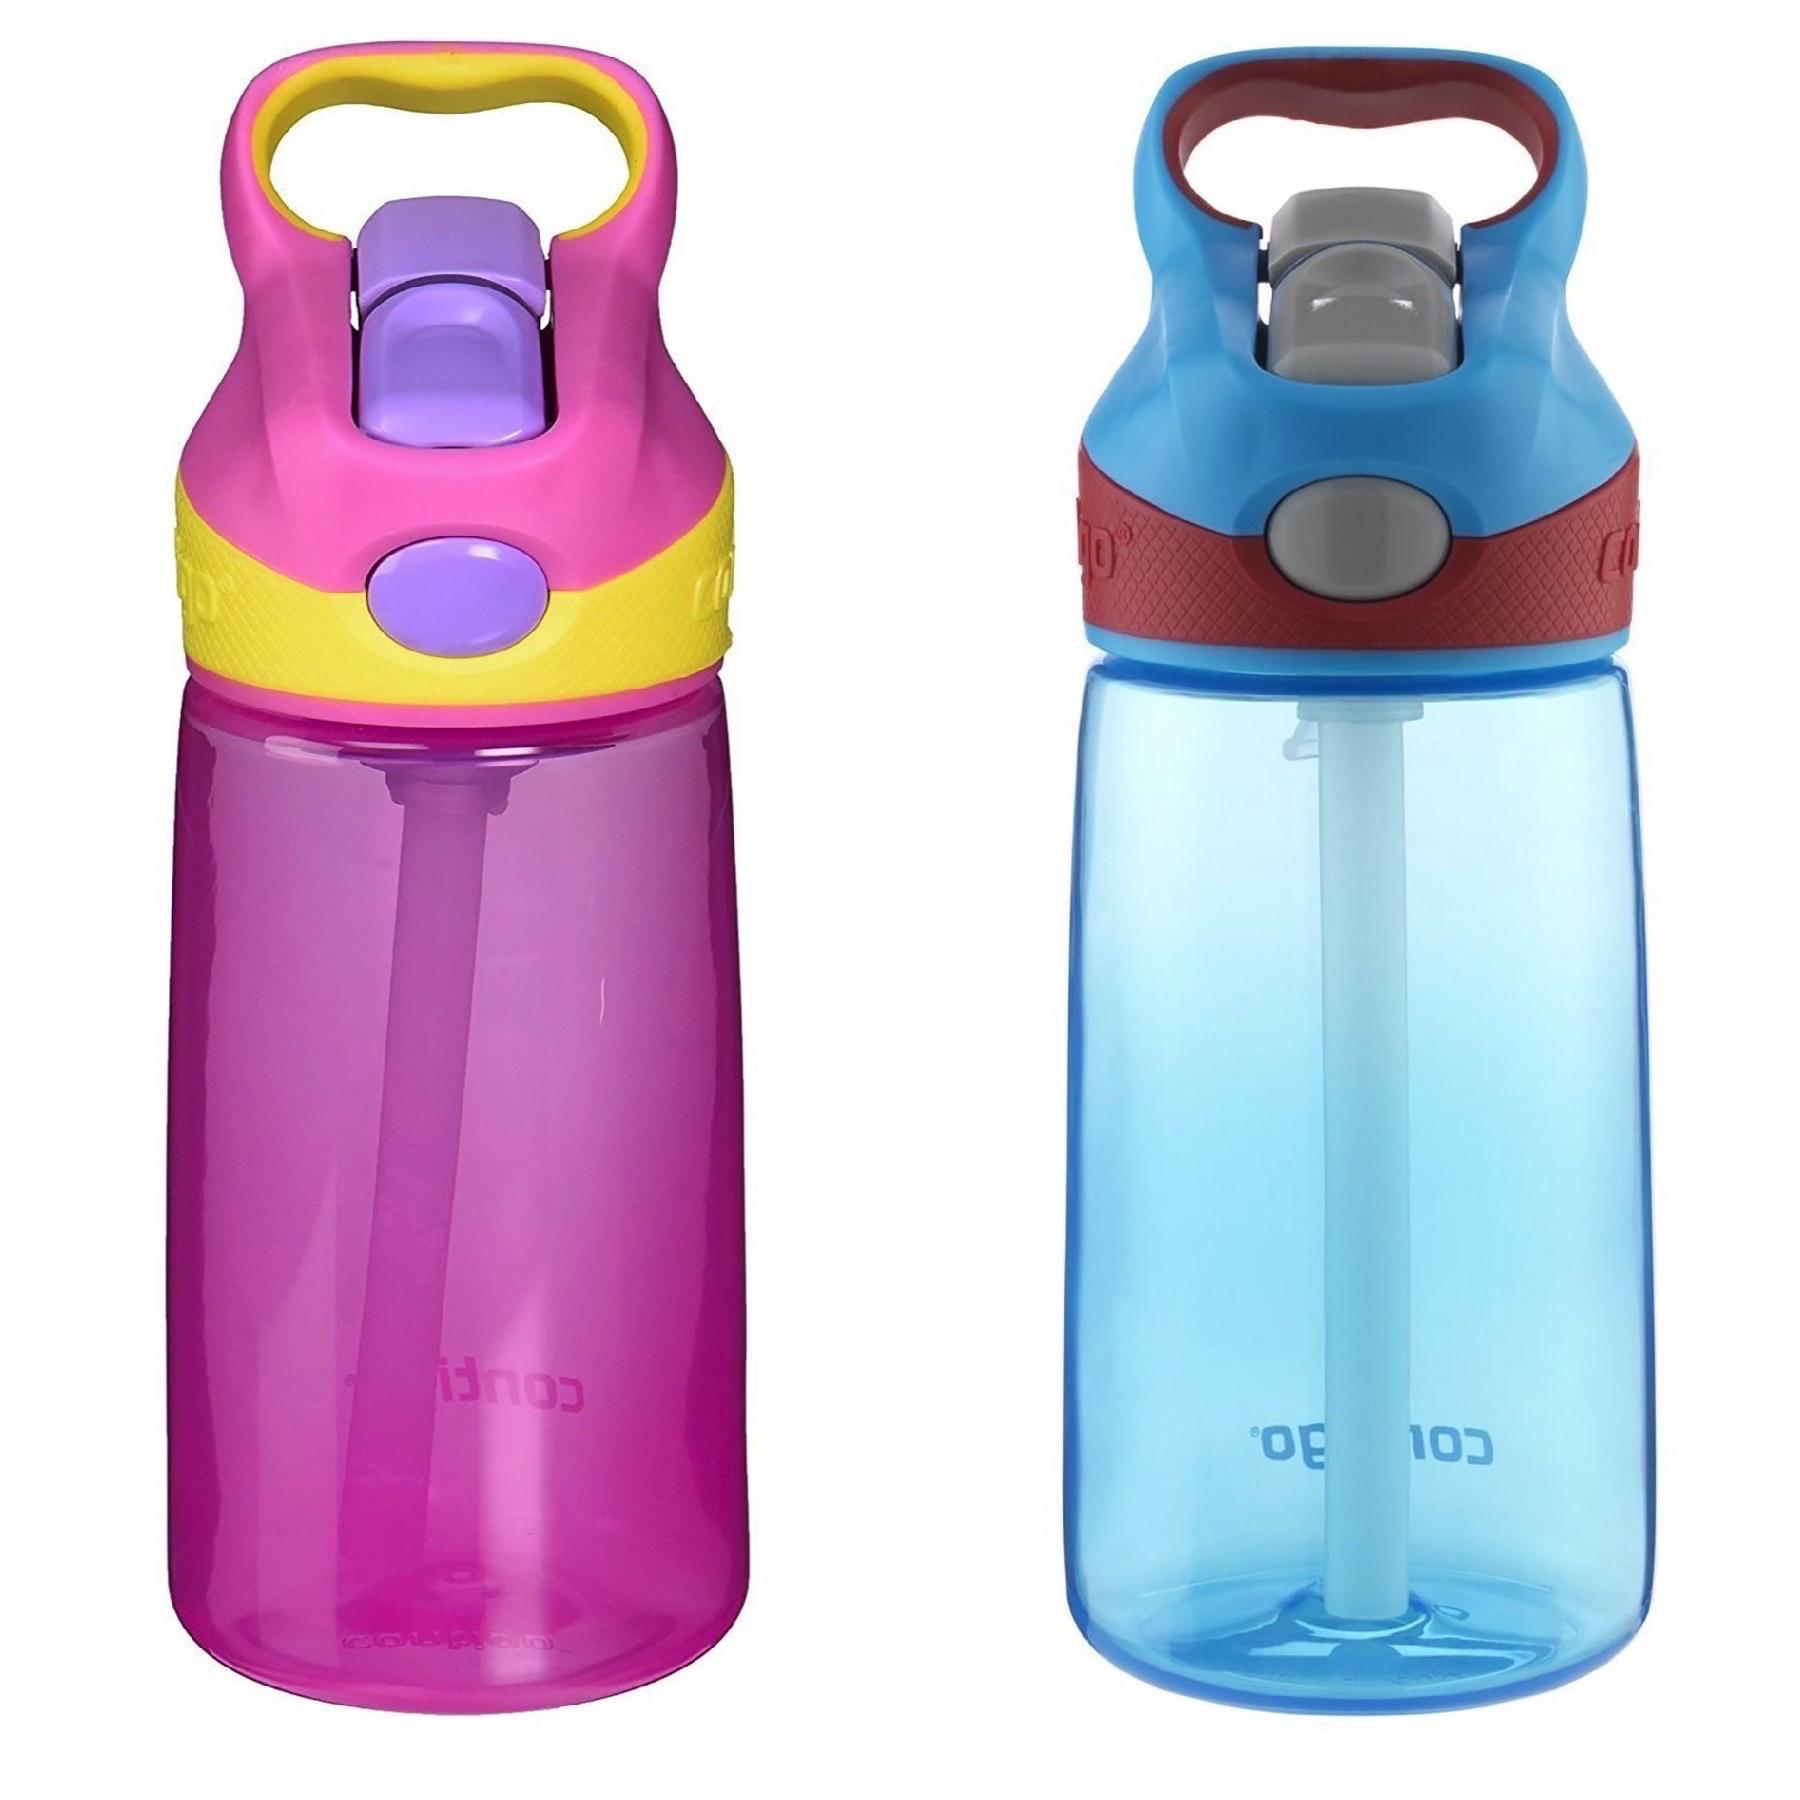 Kid/'s Autoseal Gizmo Sip Bouteille d/'eau Contigo 14 oz environ 396.89 g